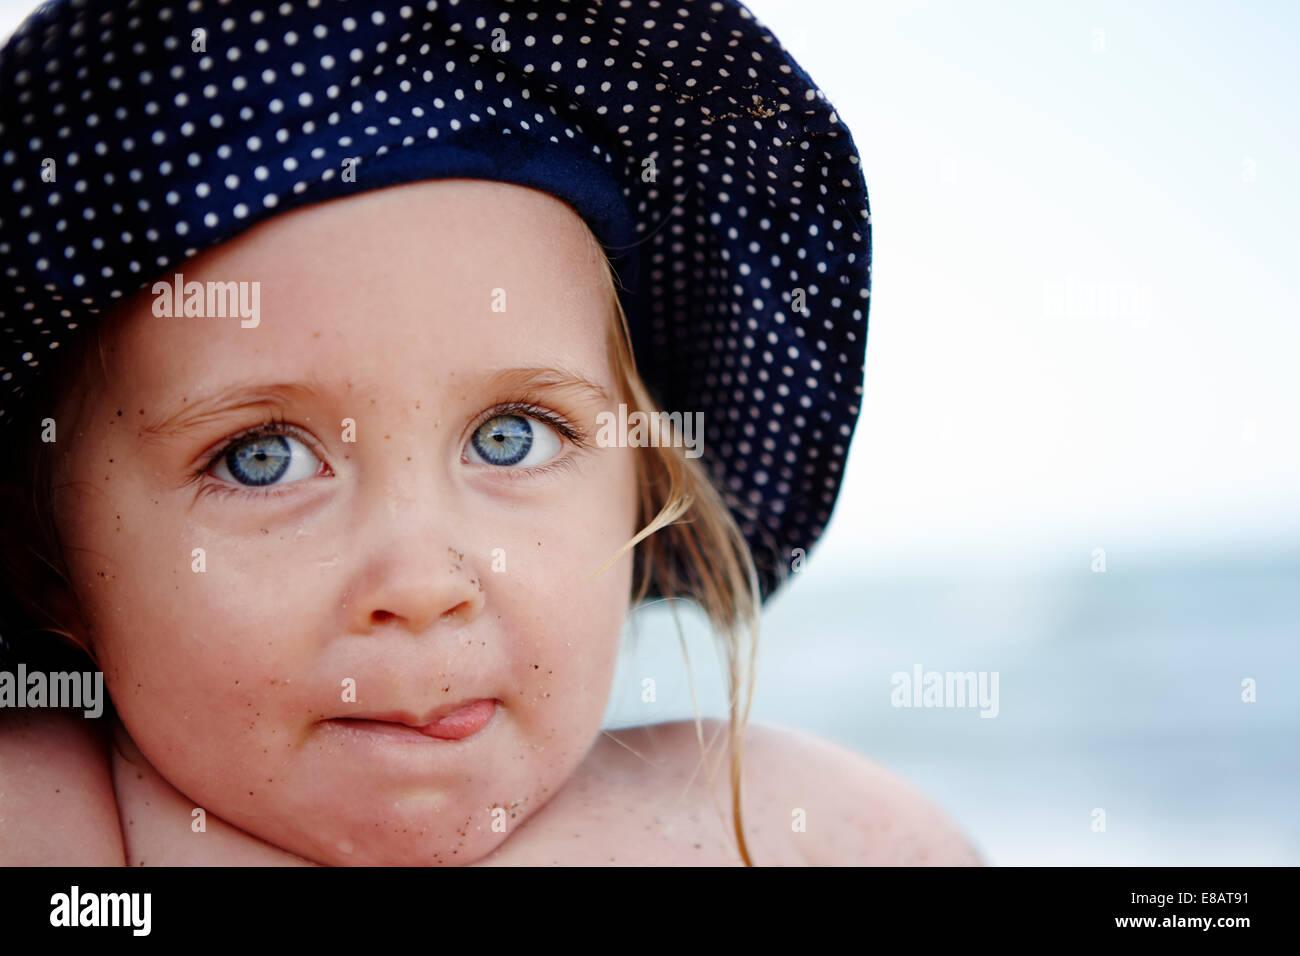 Giovane ragazza che indossa a macchie hat, ritratto Immagini Stock